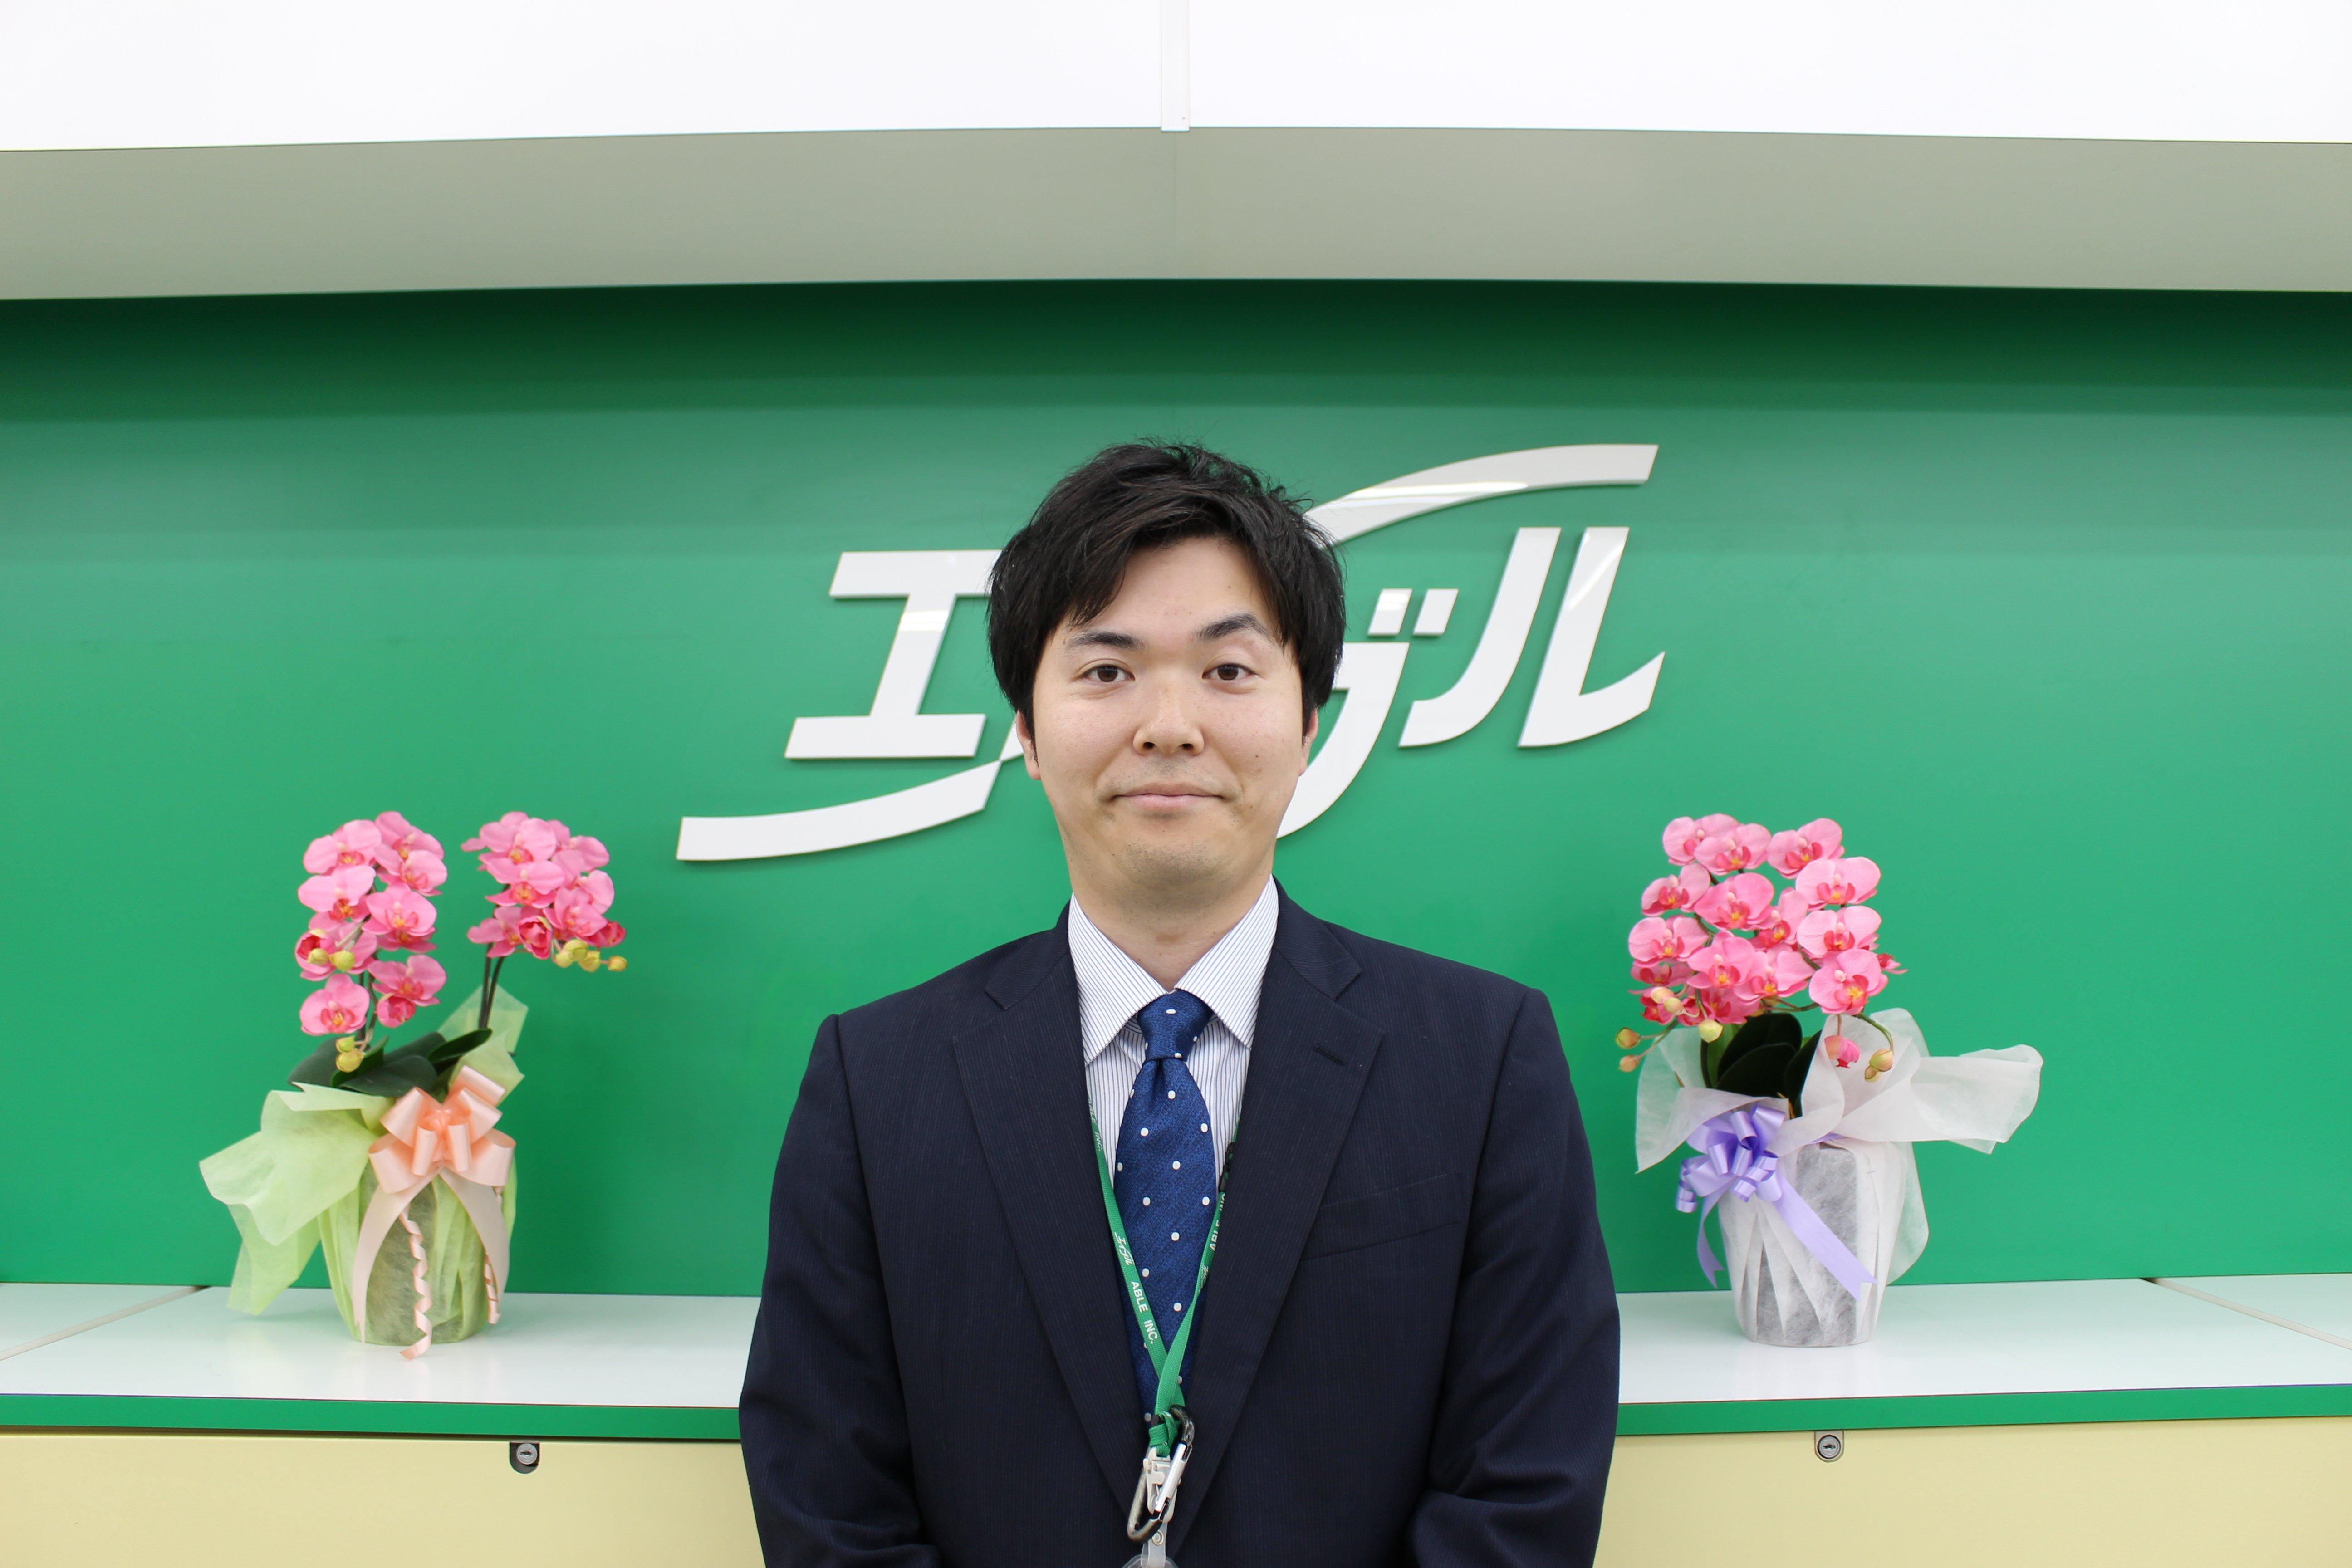 店舗スタッフ紹介写真